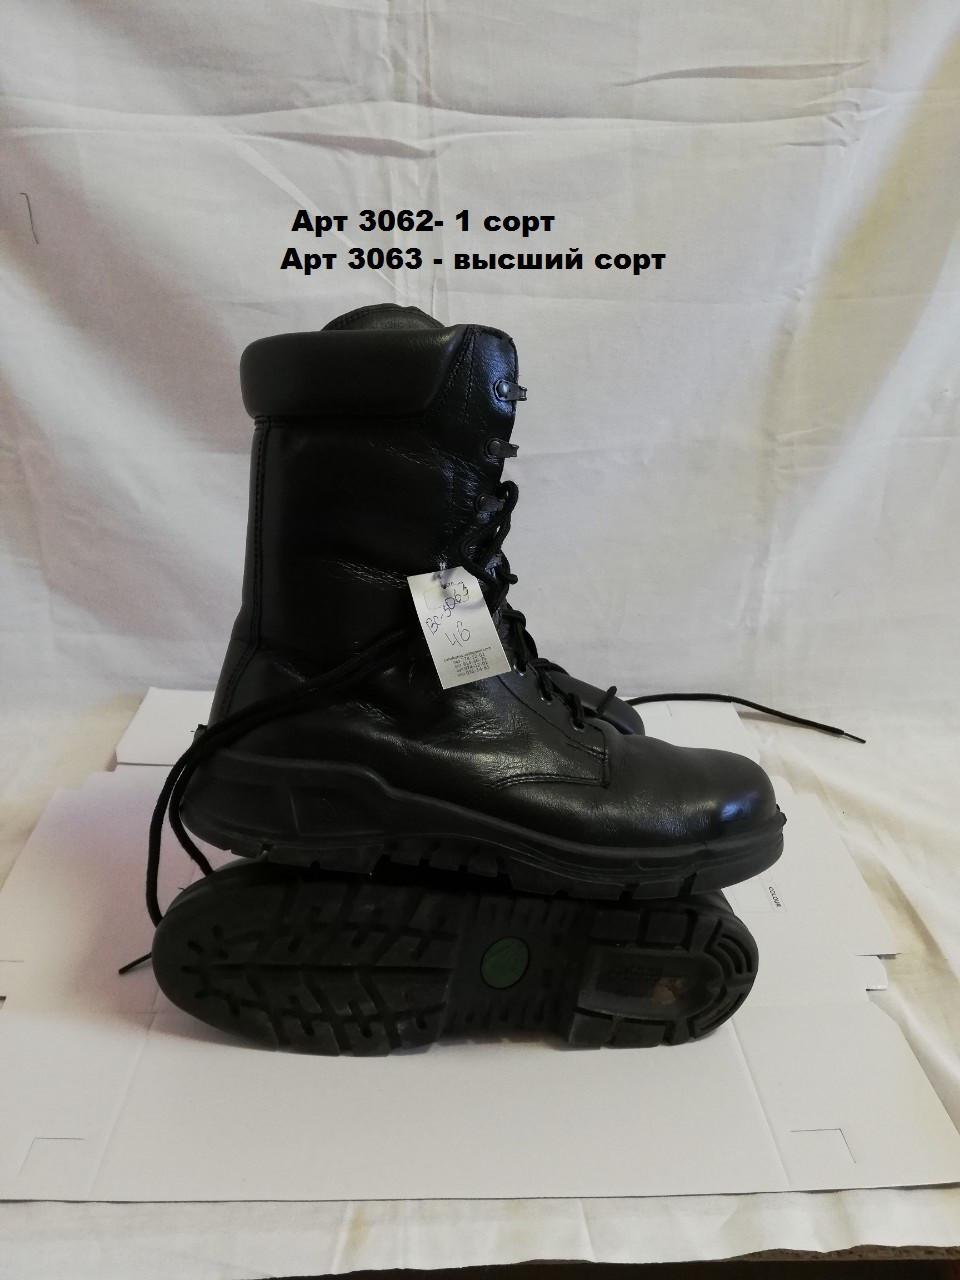 Полицейские берцы Bata (стальной носок). Оригинал Британия Б/У высший сорт